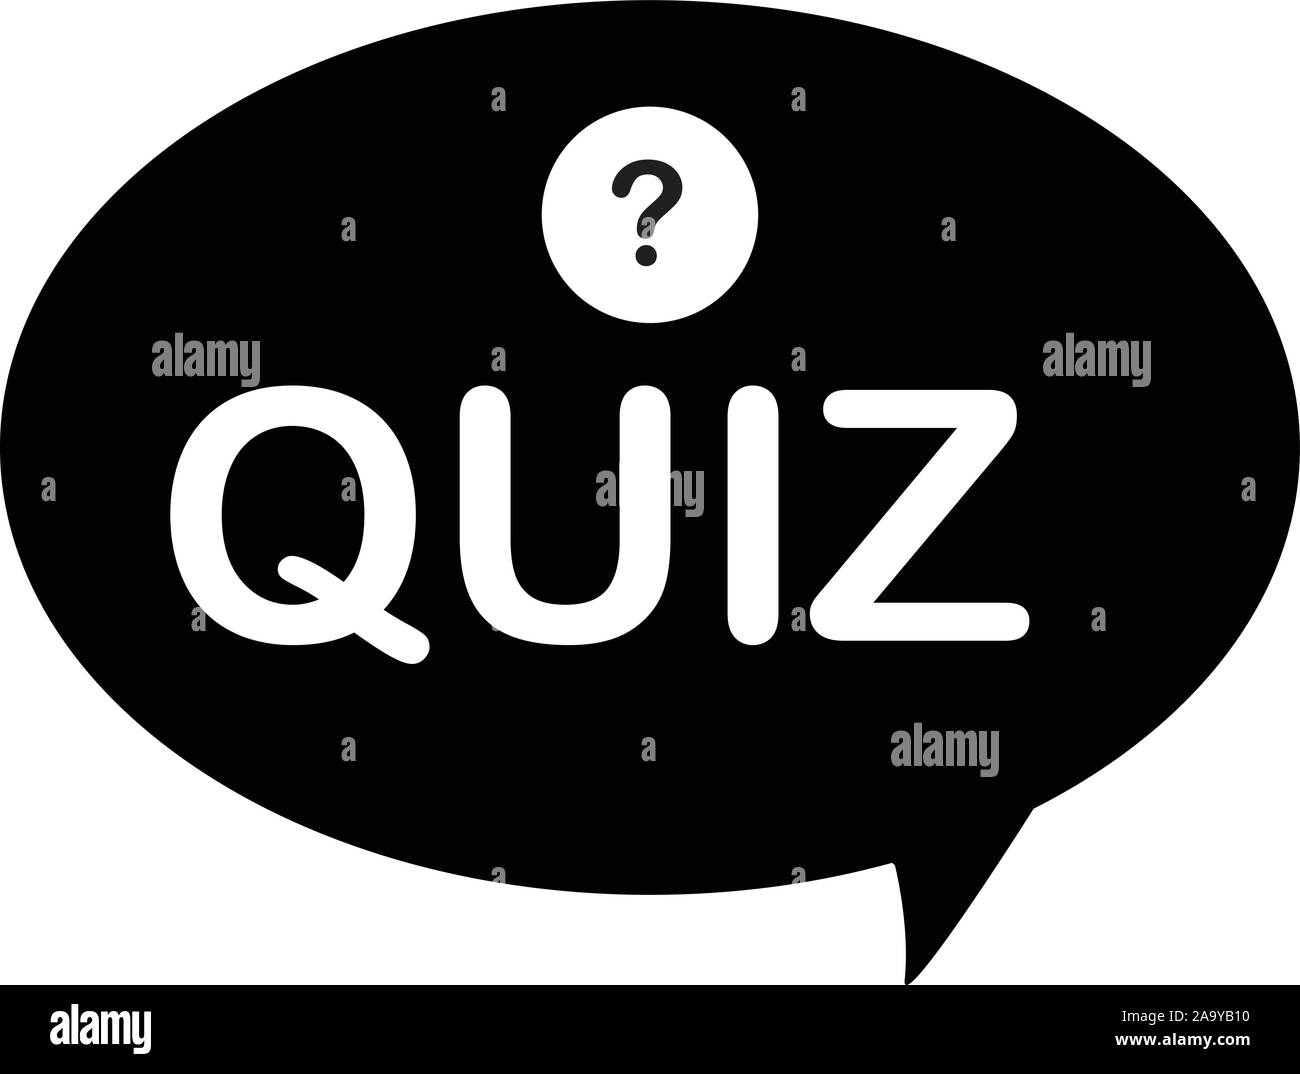 Icono Quiz Sobre Fondo Blanco Estilo Plano Quiz Show Pregunta Preguntas Y Respuestas Juego Simbolo Quiz Con Signo De Interrogacion Imagen Vector De Stock Alamy